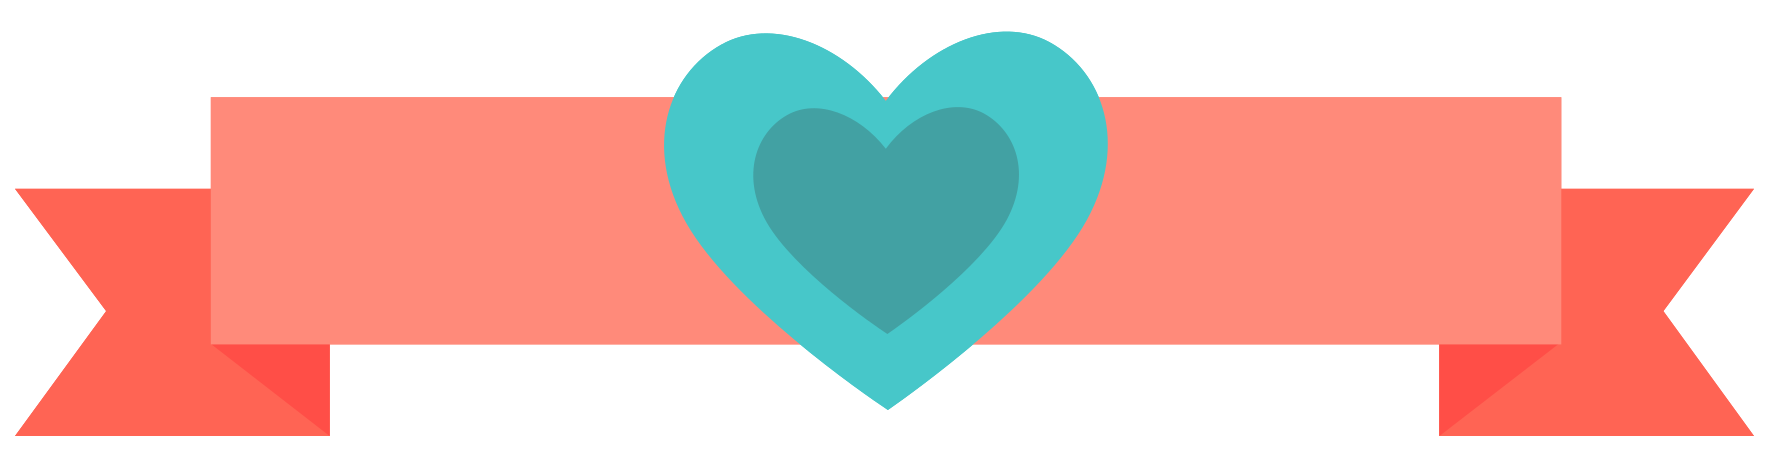 bannière coeur png